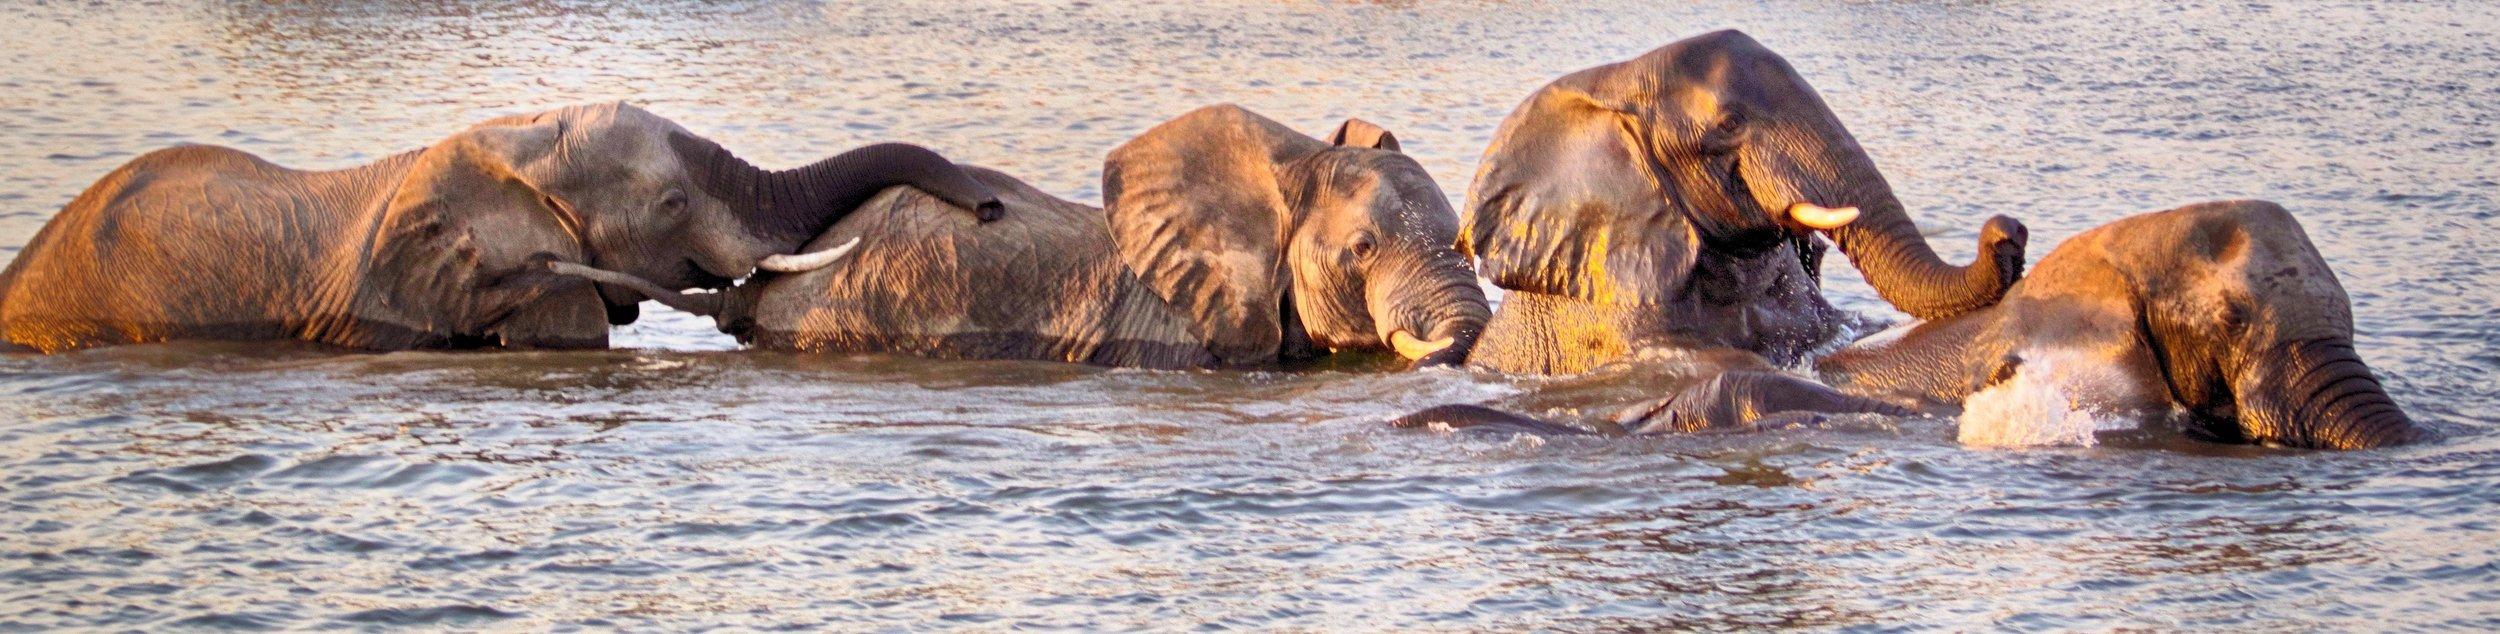 Elephants in the Zambezi.jpeg